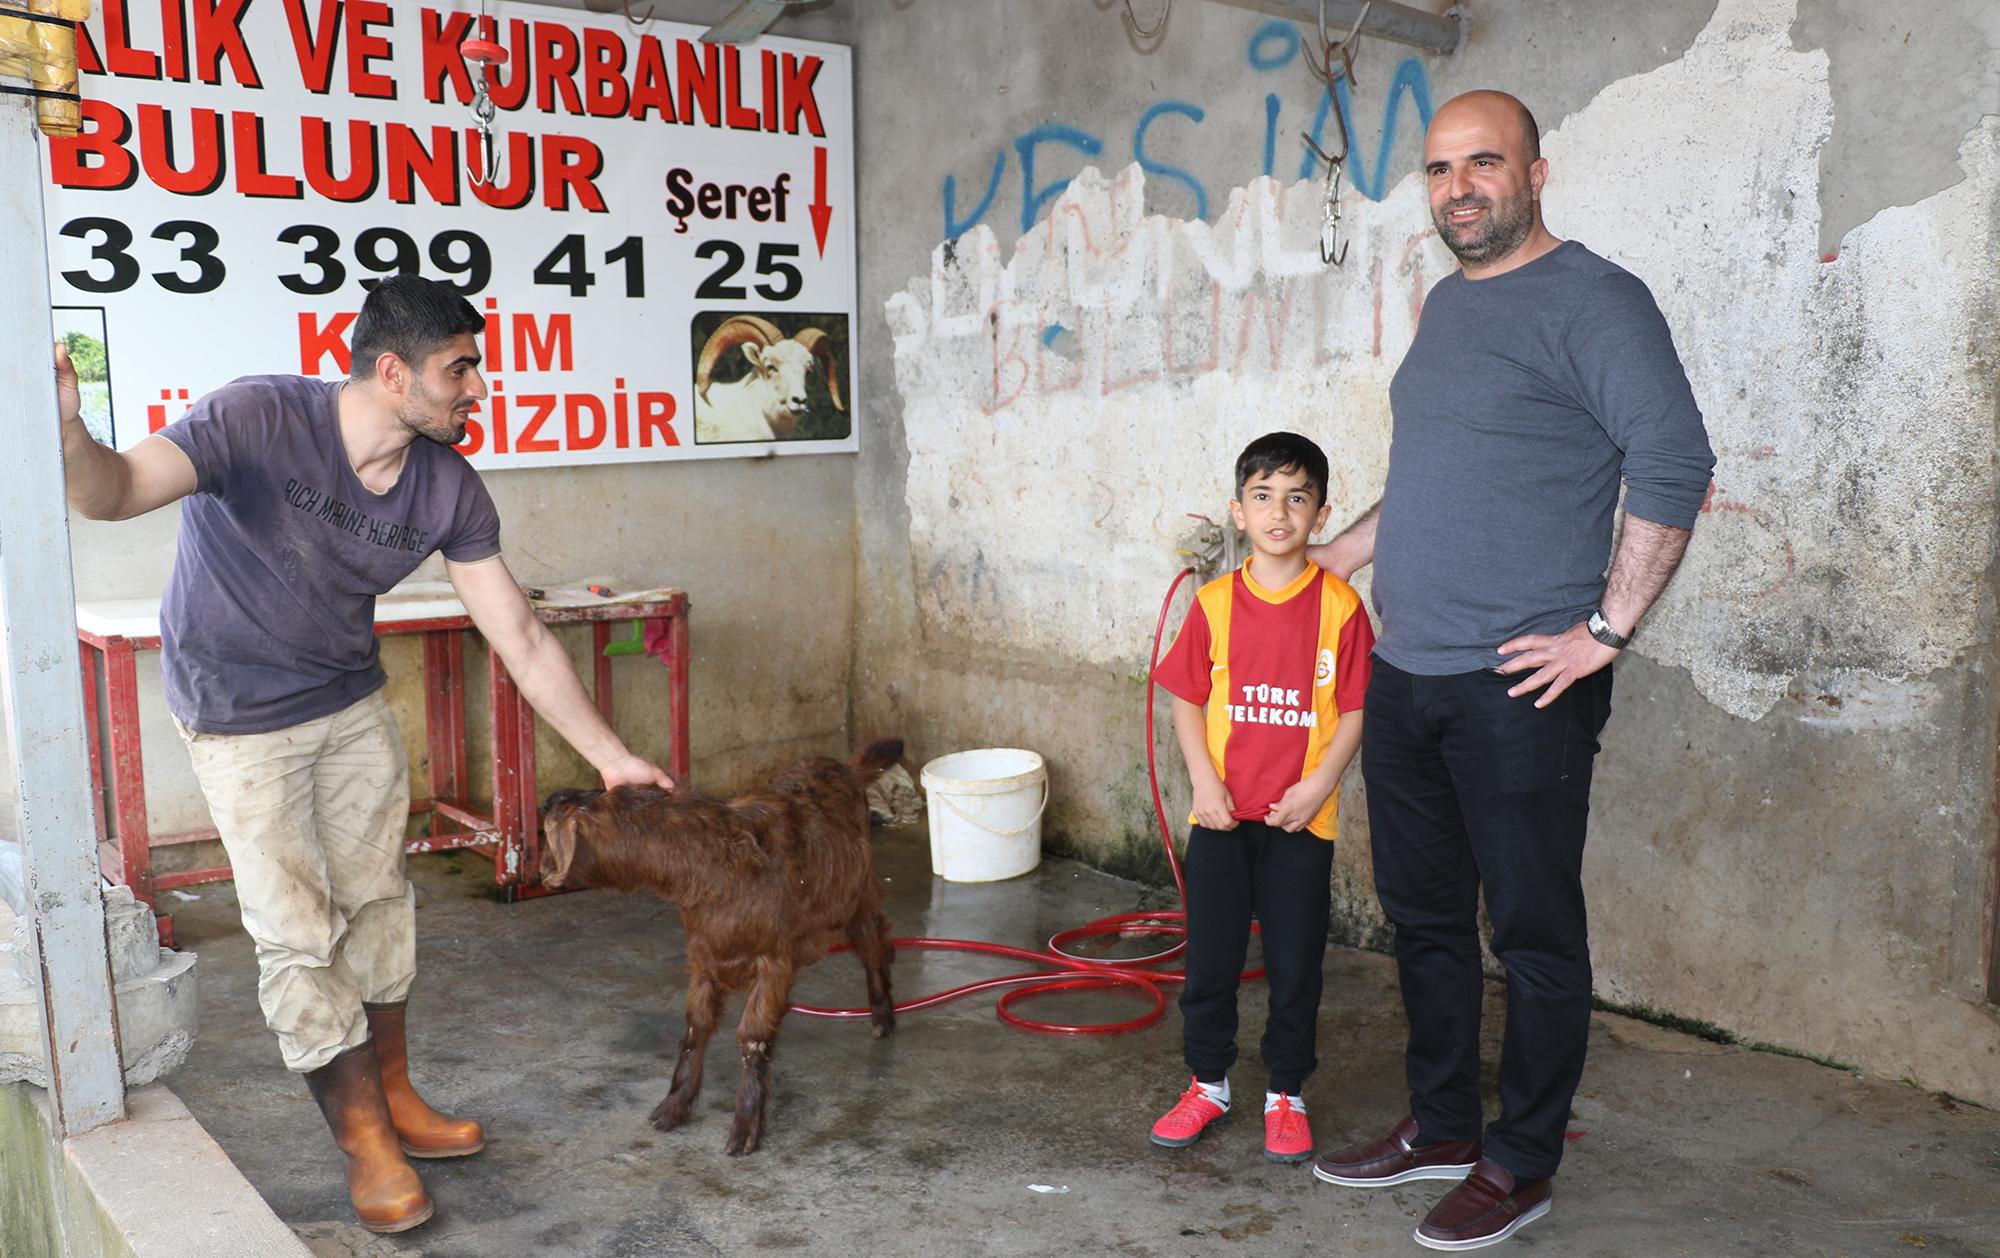 Diyarbakırlı baba ve oğlu Galatasaray için kurban kesti